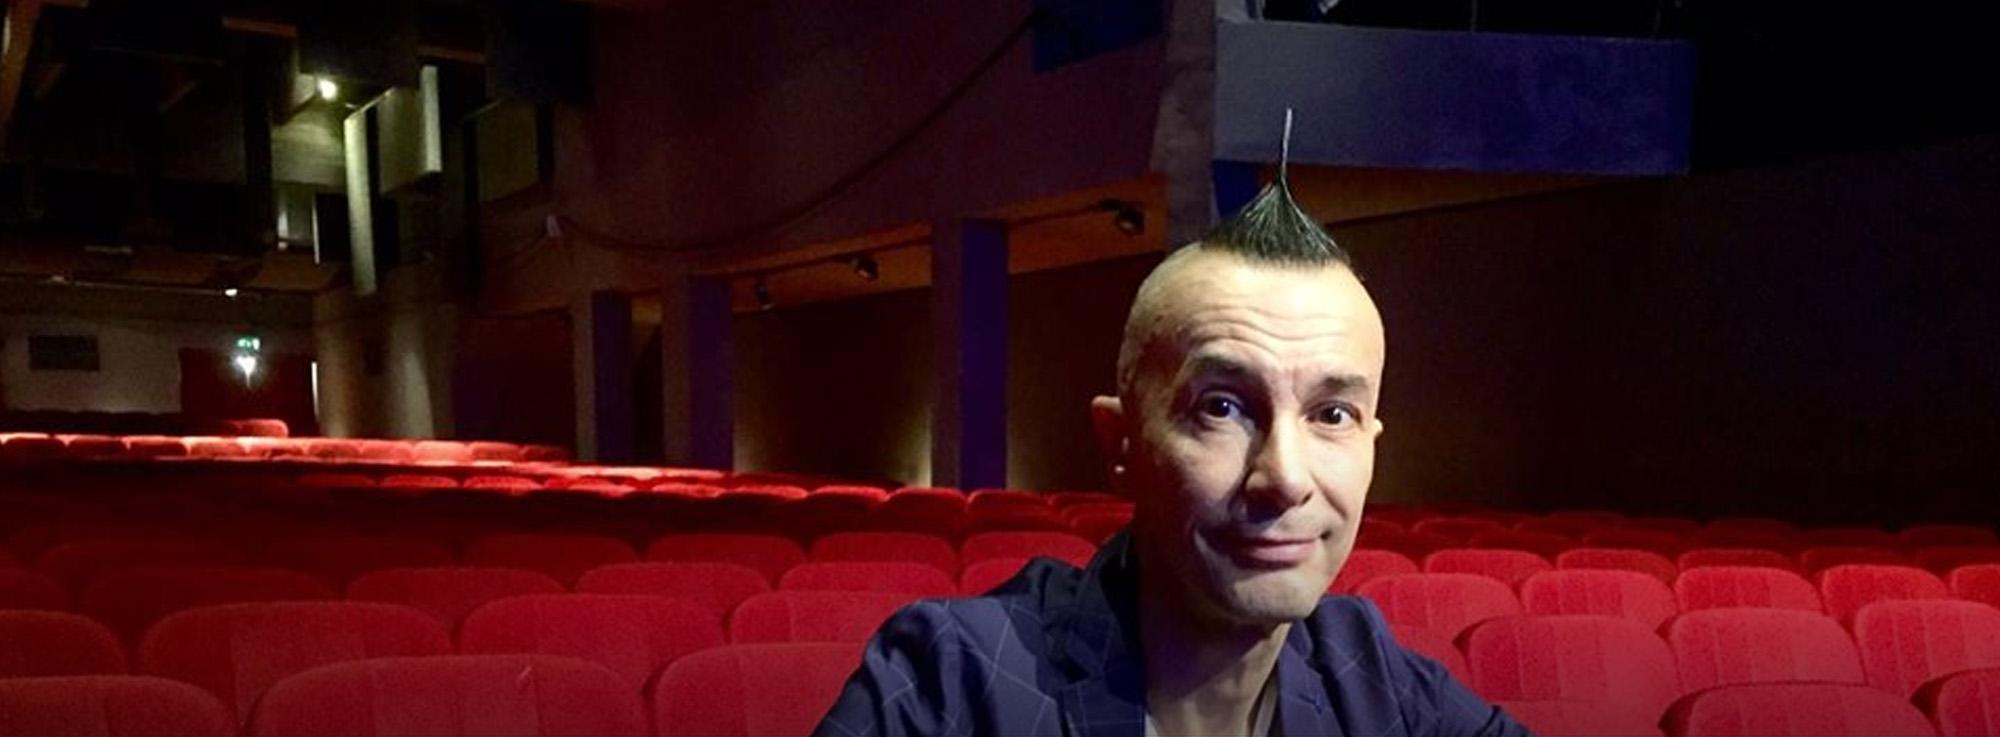 Teatro Politeama Greco: SOLO, the Legend of quick change